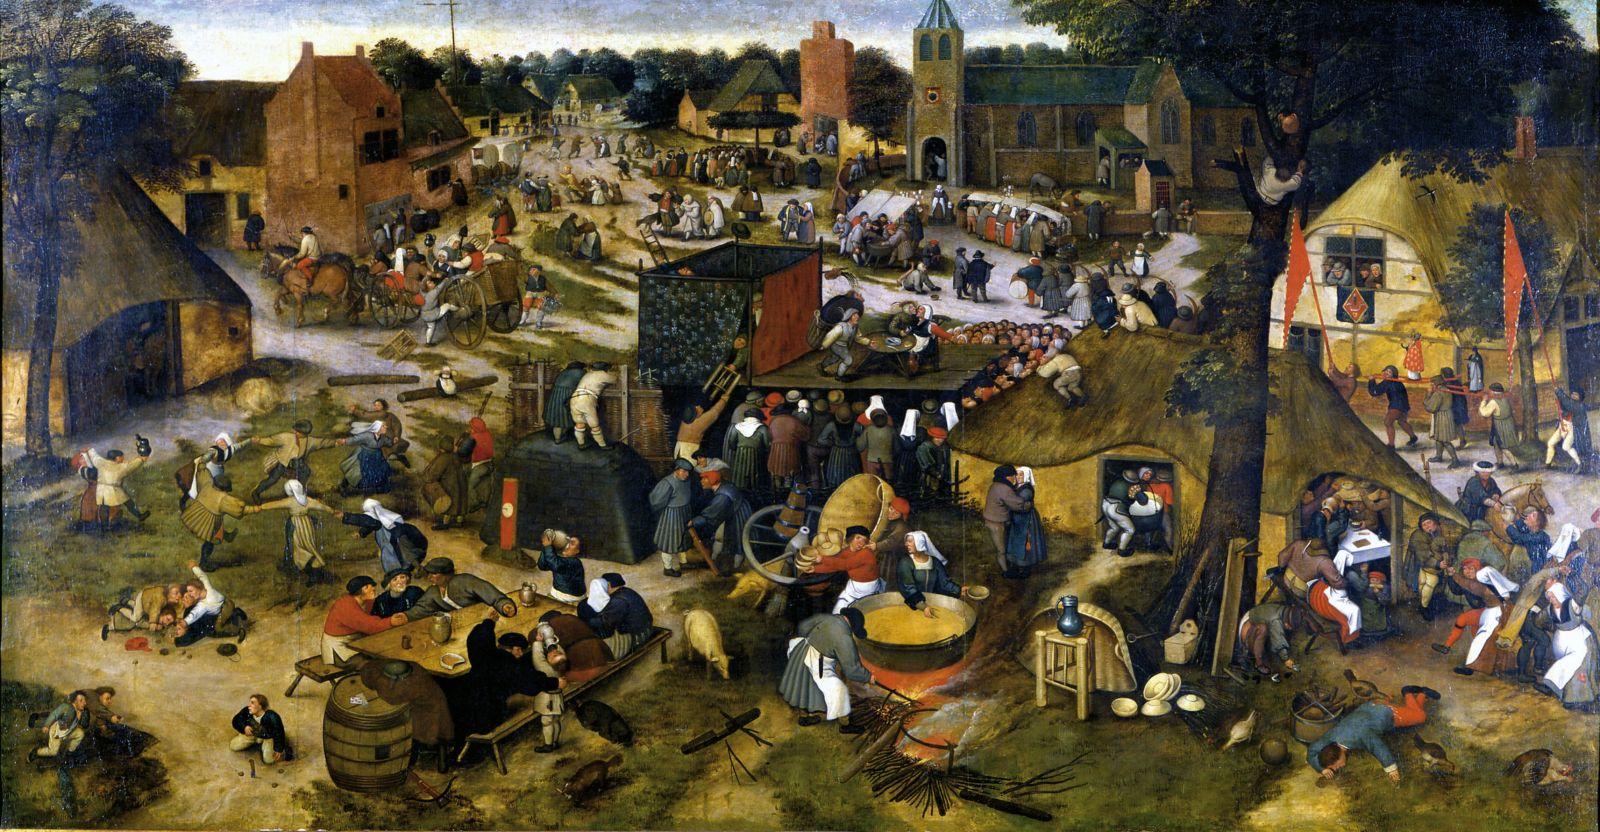 La Kermesse villageoise avec un théâtre et une procession_Pieter II Brueghel